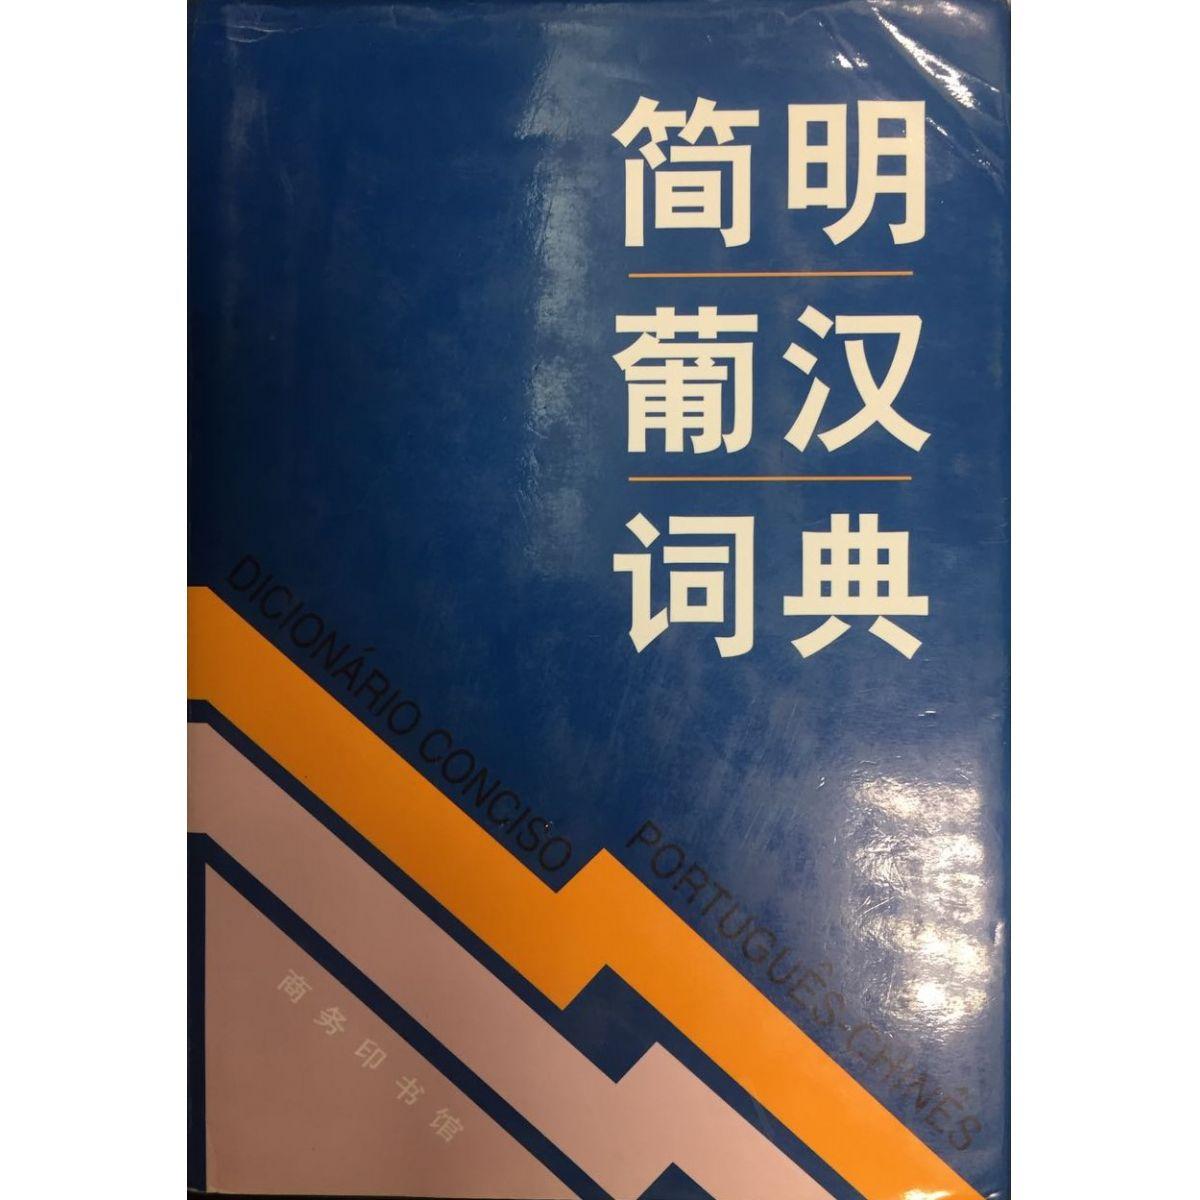 Dicionário Conciso Português-Chinês com 1142 páginas  - Centro Cultural China Brasil Yuan Aiping